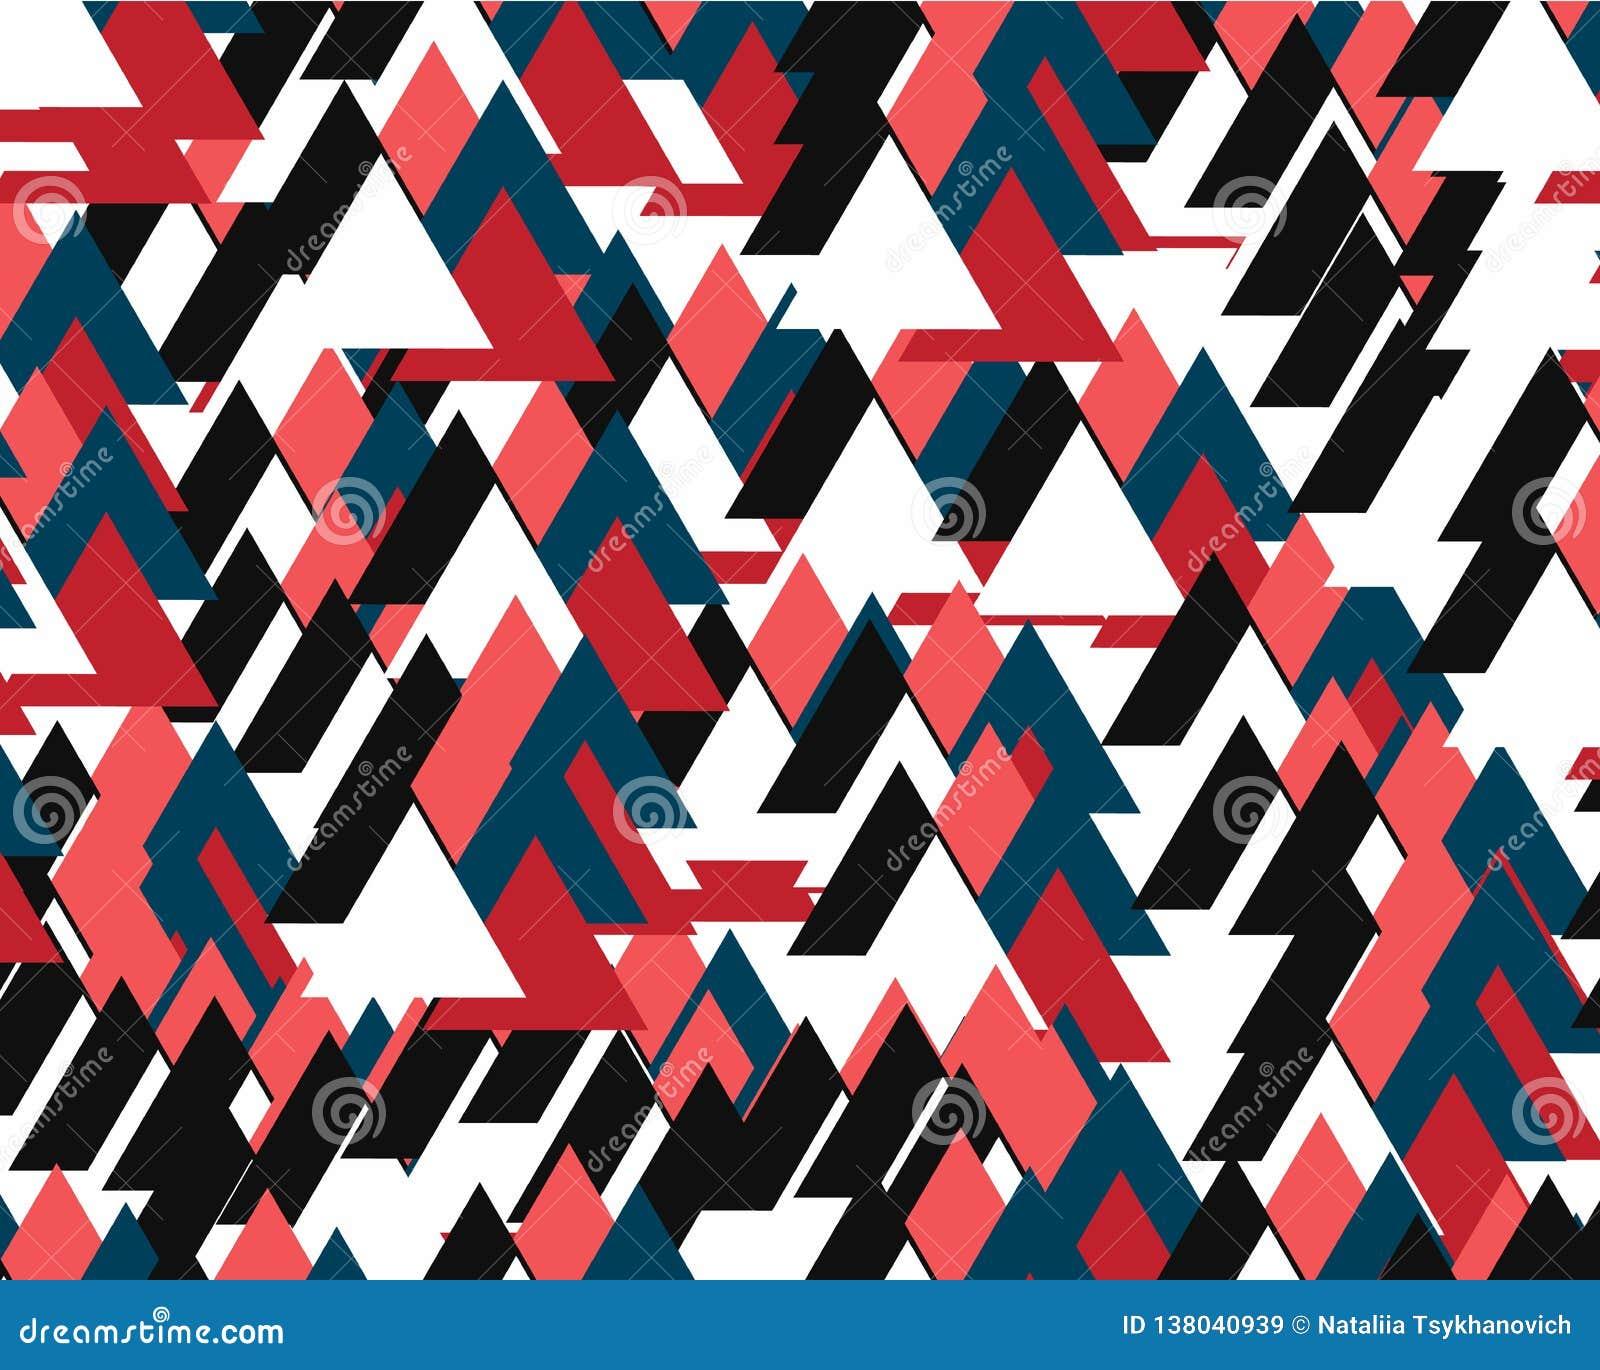 Fundo abstrato que consiste em muitos triângulos coloridos